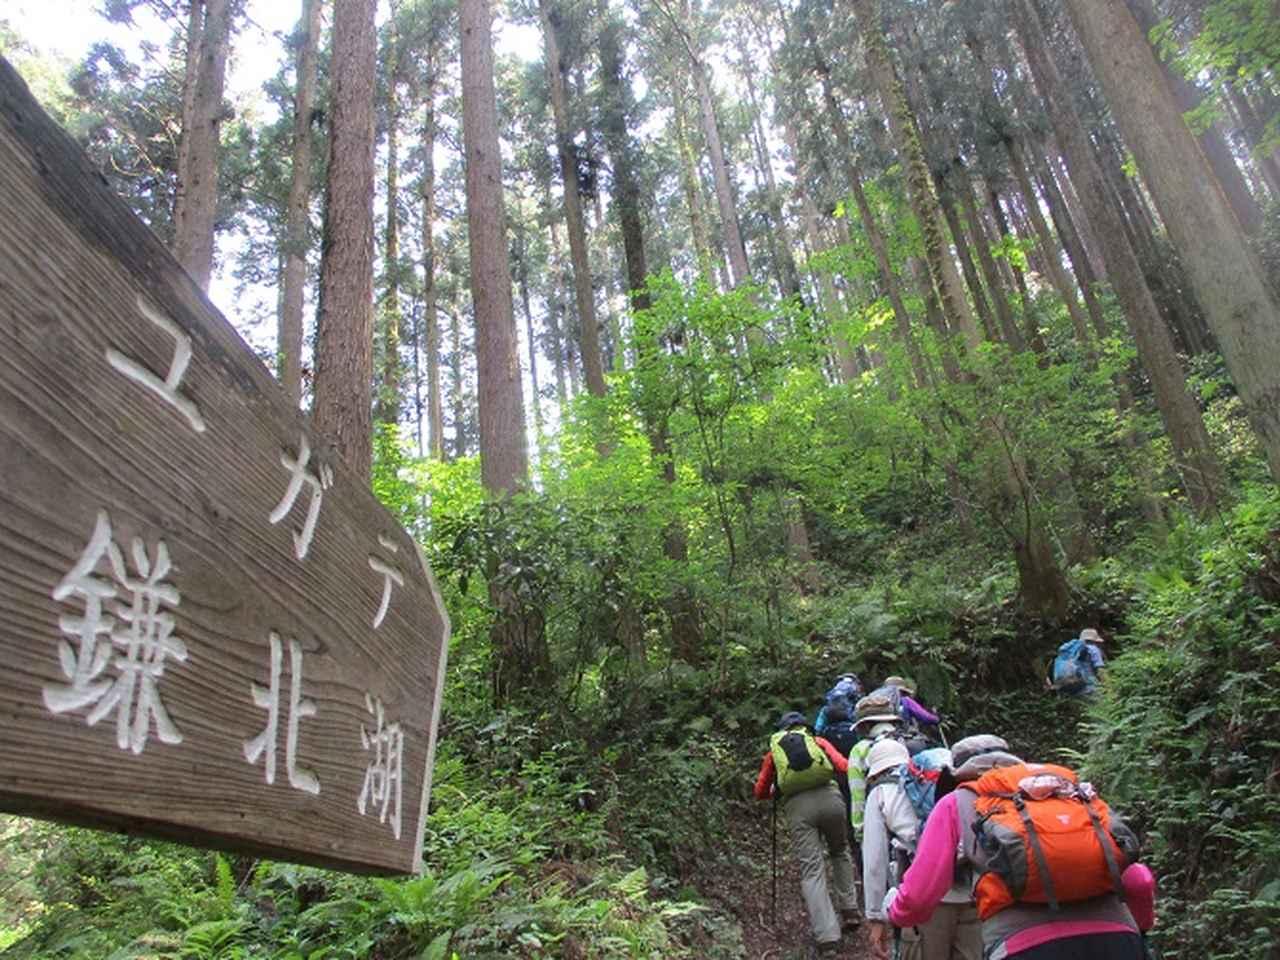 画像4: 5月4日に岡田ガイドのツアーで埼玉県の「越上山」へ行って来ました♪